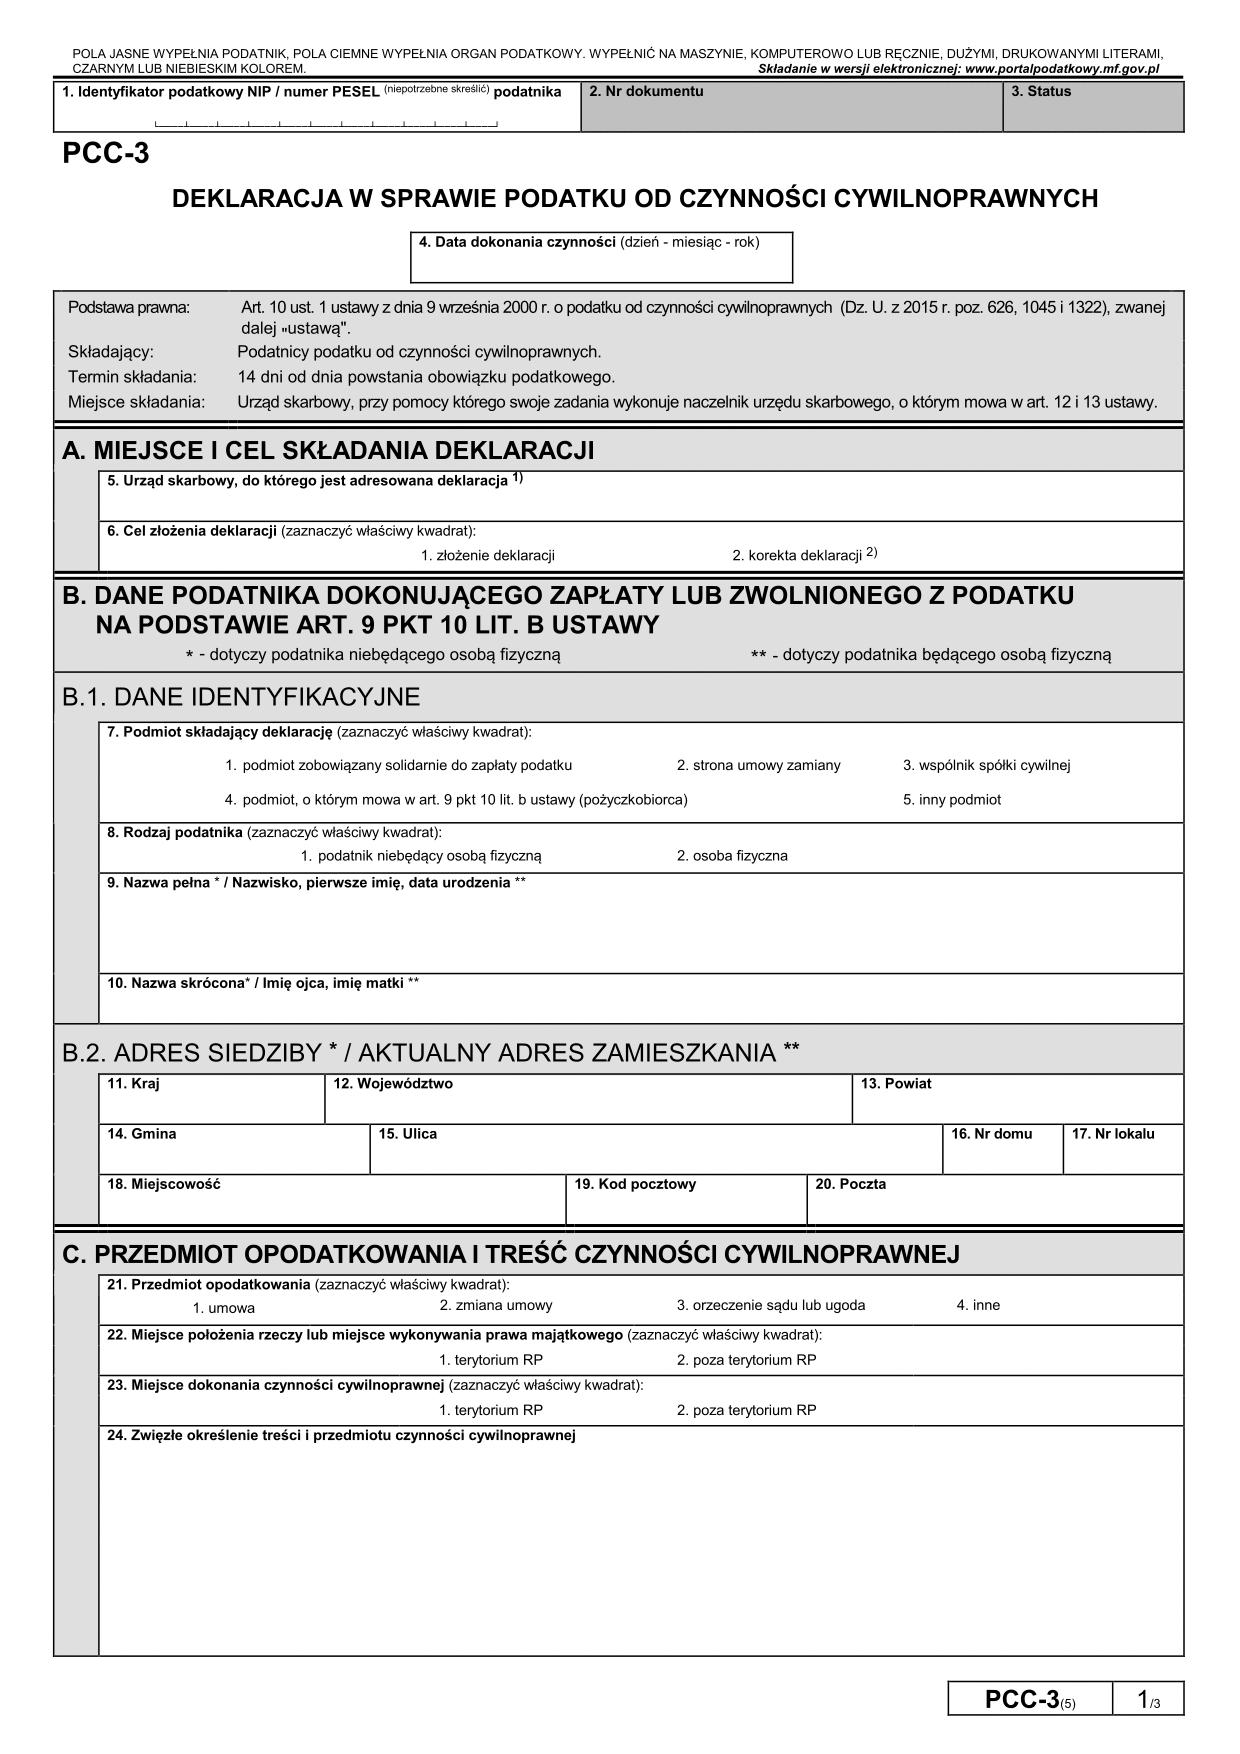 PCC-3 (5) Deklaracja w sprawie podatku od czynności cywilnoprawnych